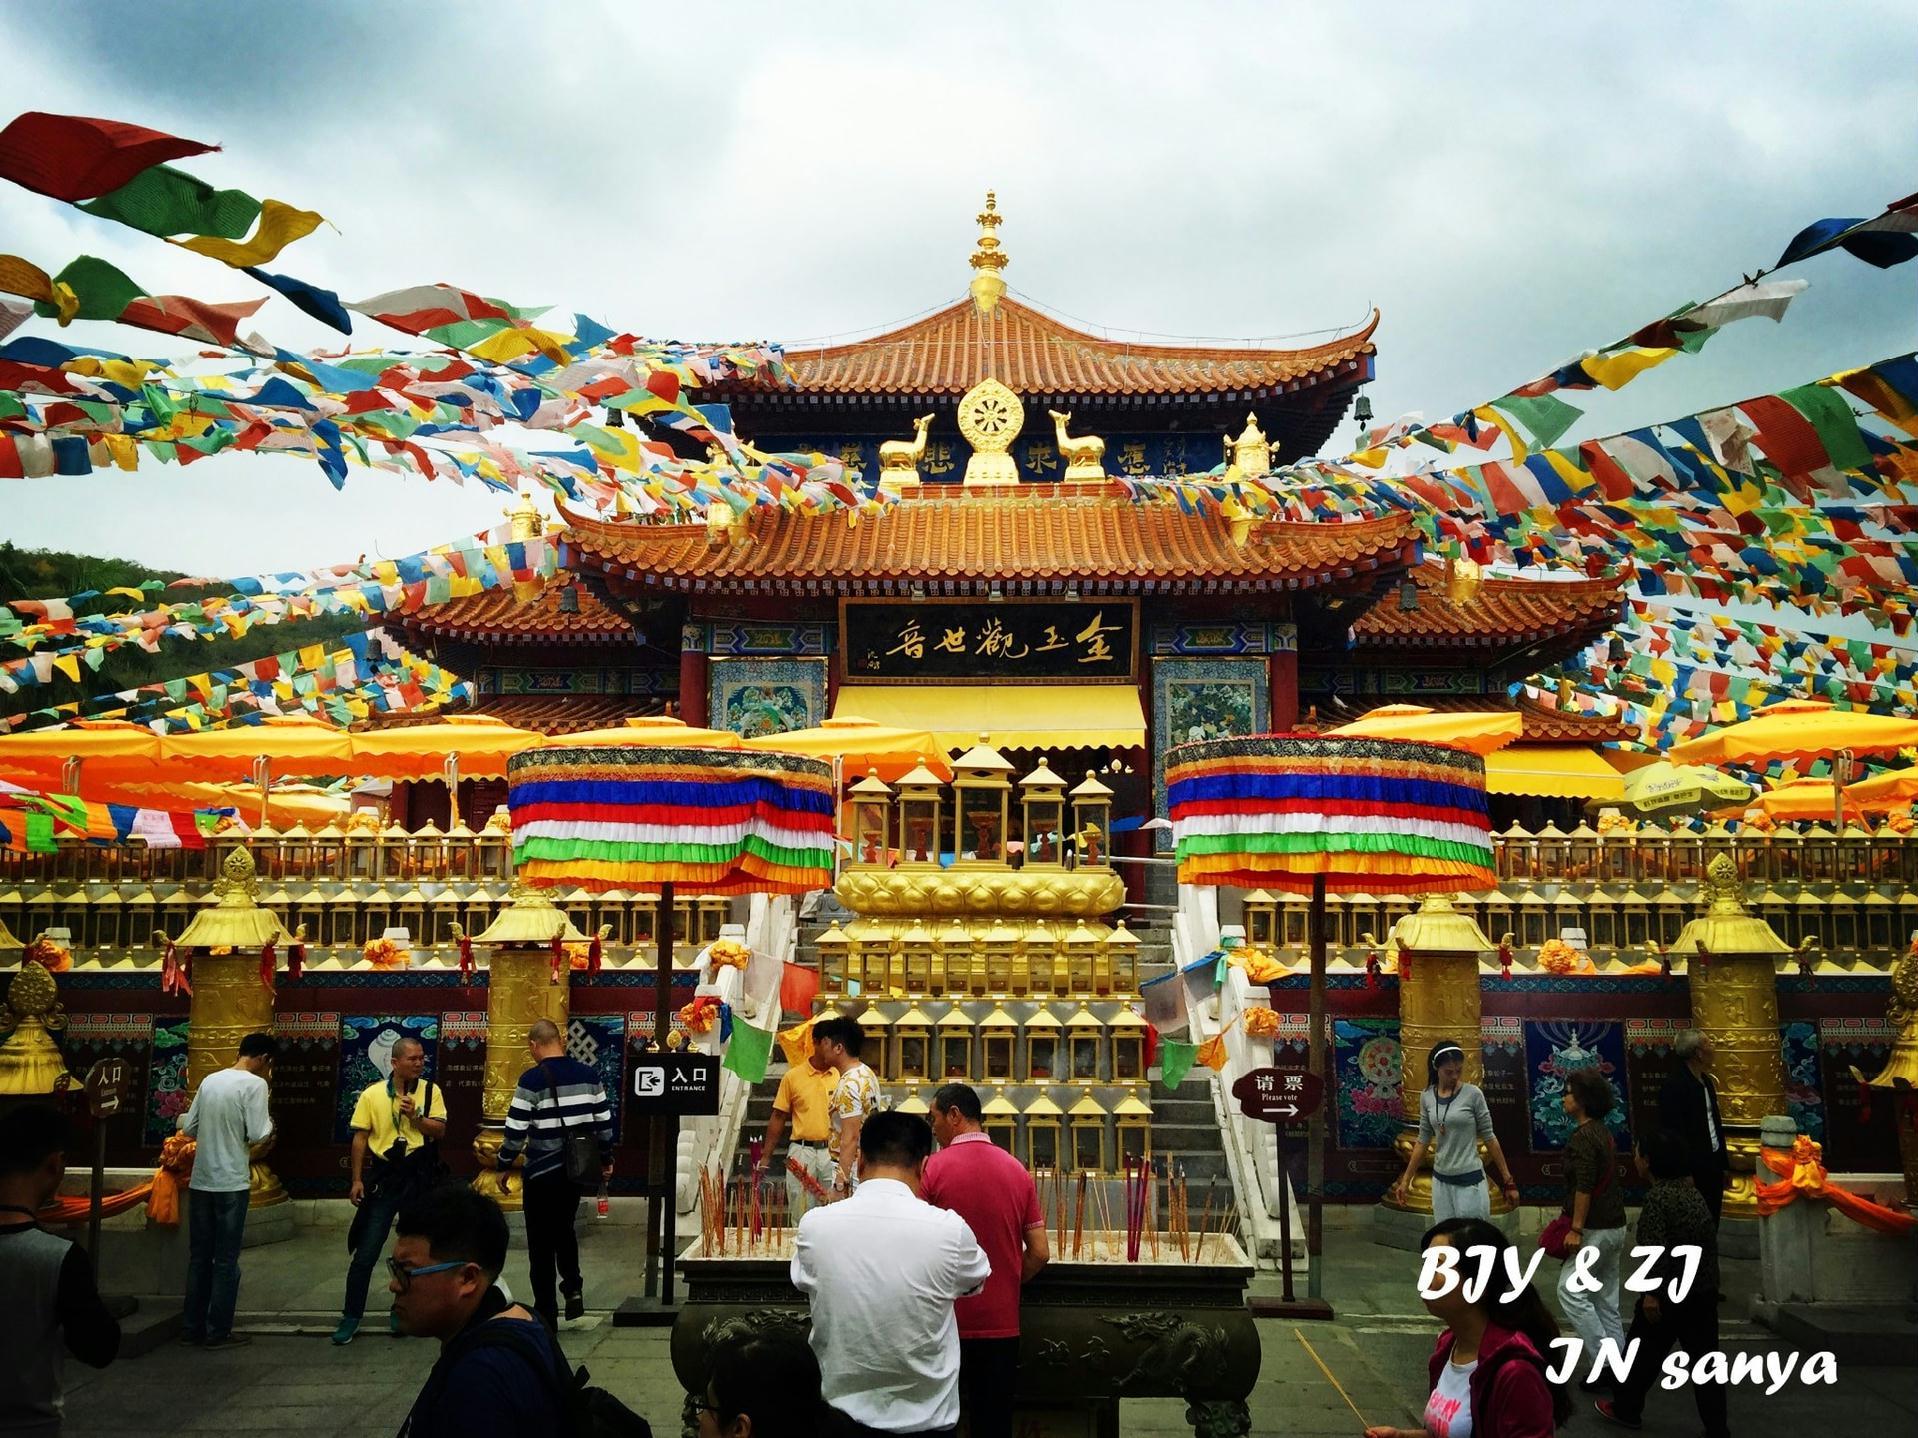 三亚哪个海岛好玩 春节三亚旅游攻略